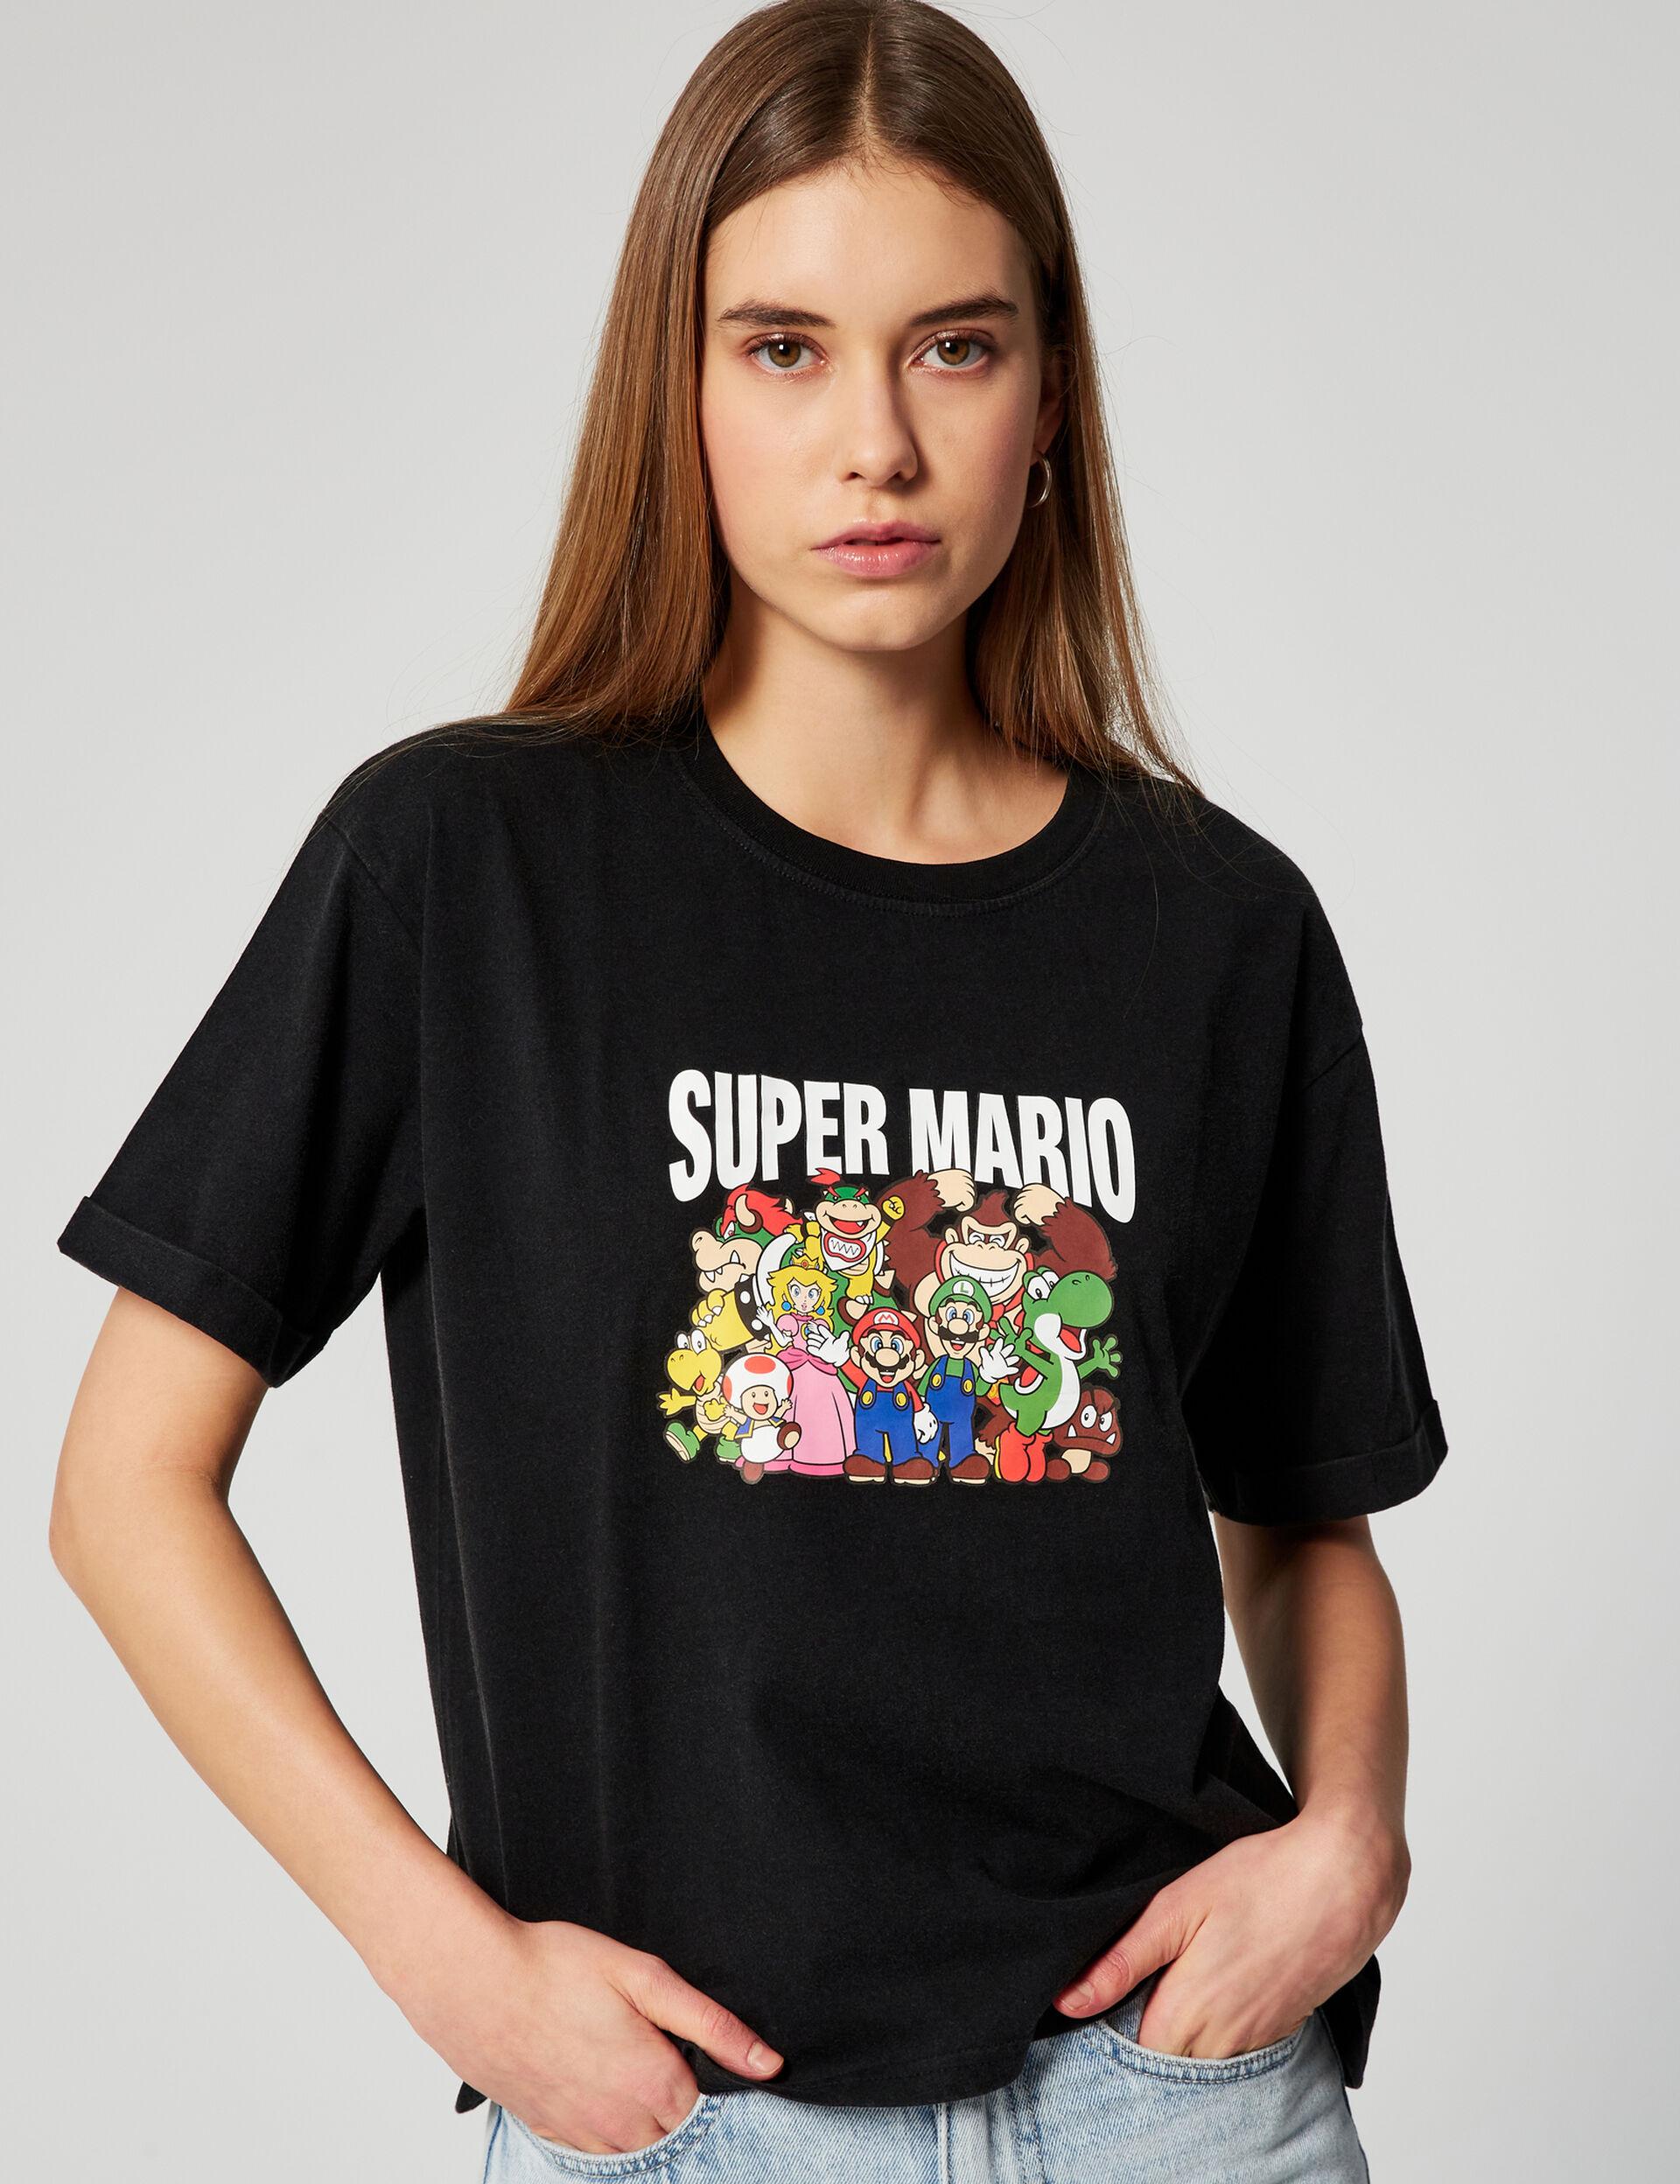 Super Mario T-shirt